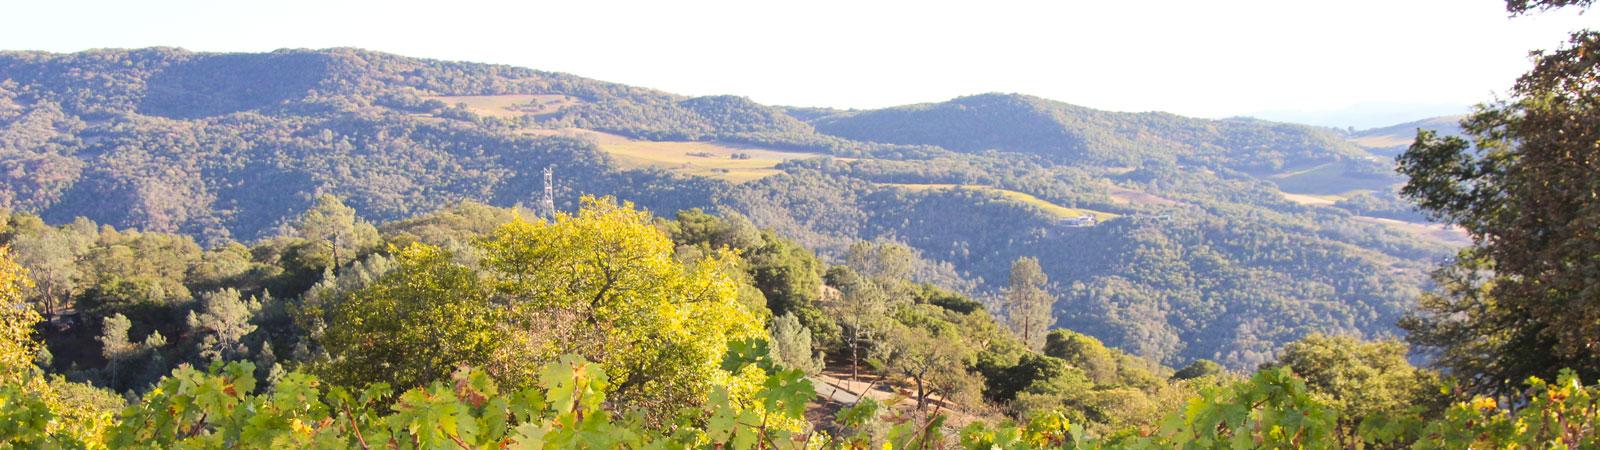 Pritchard Hill